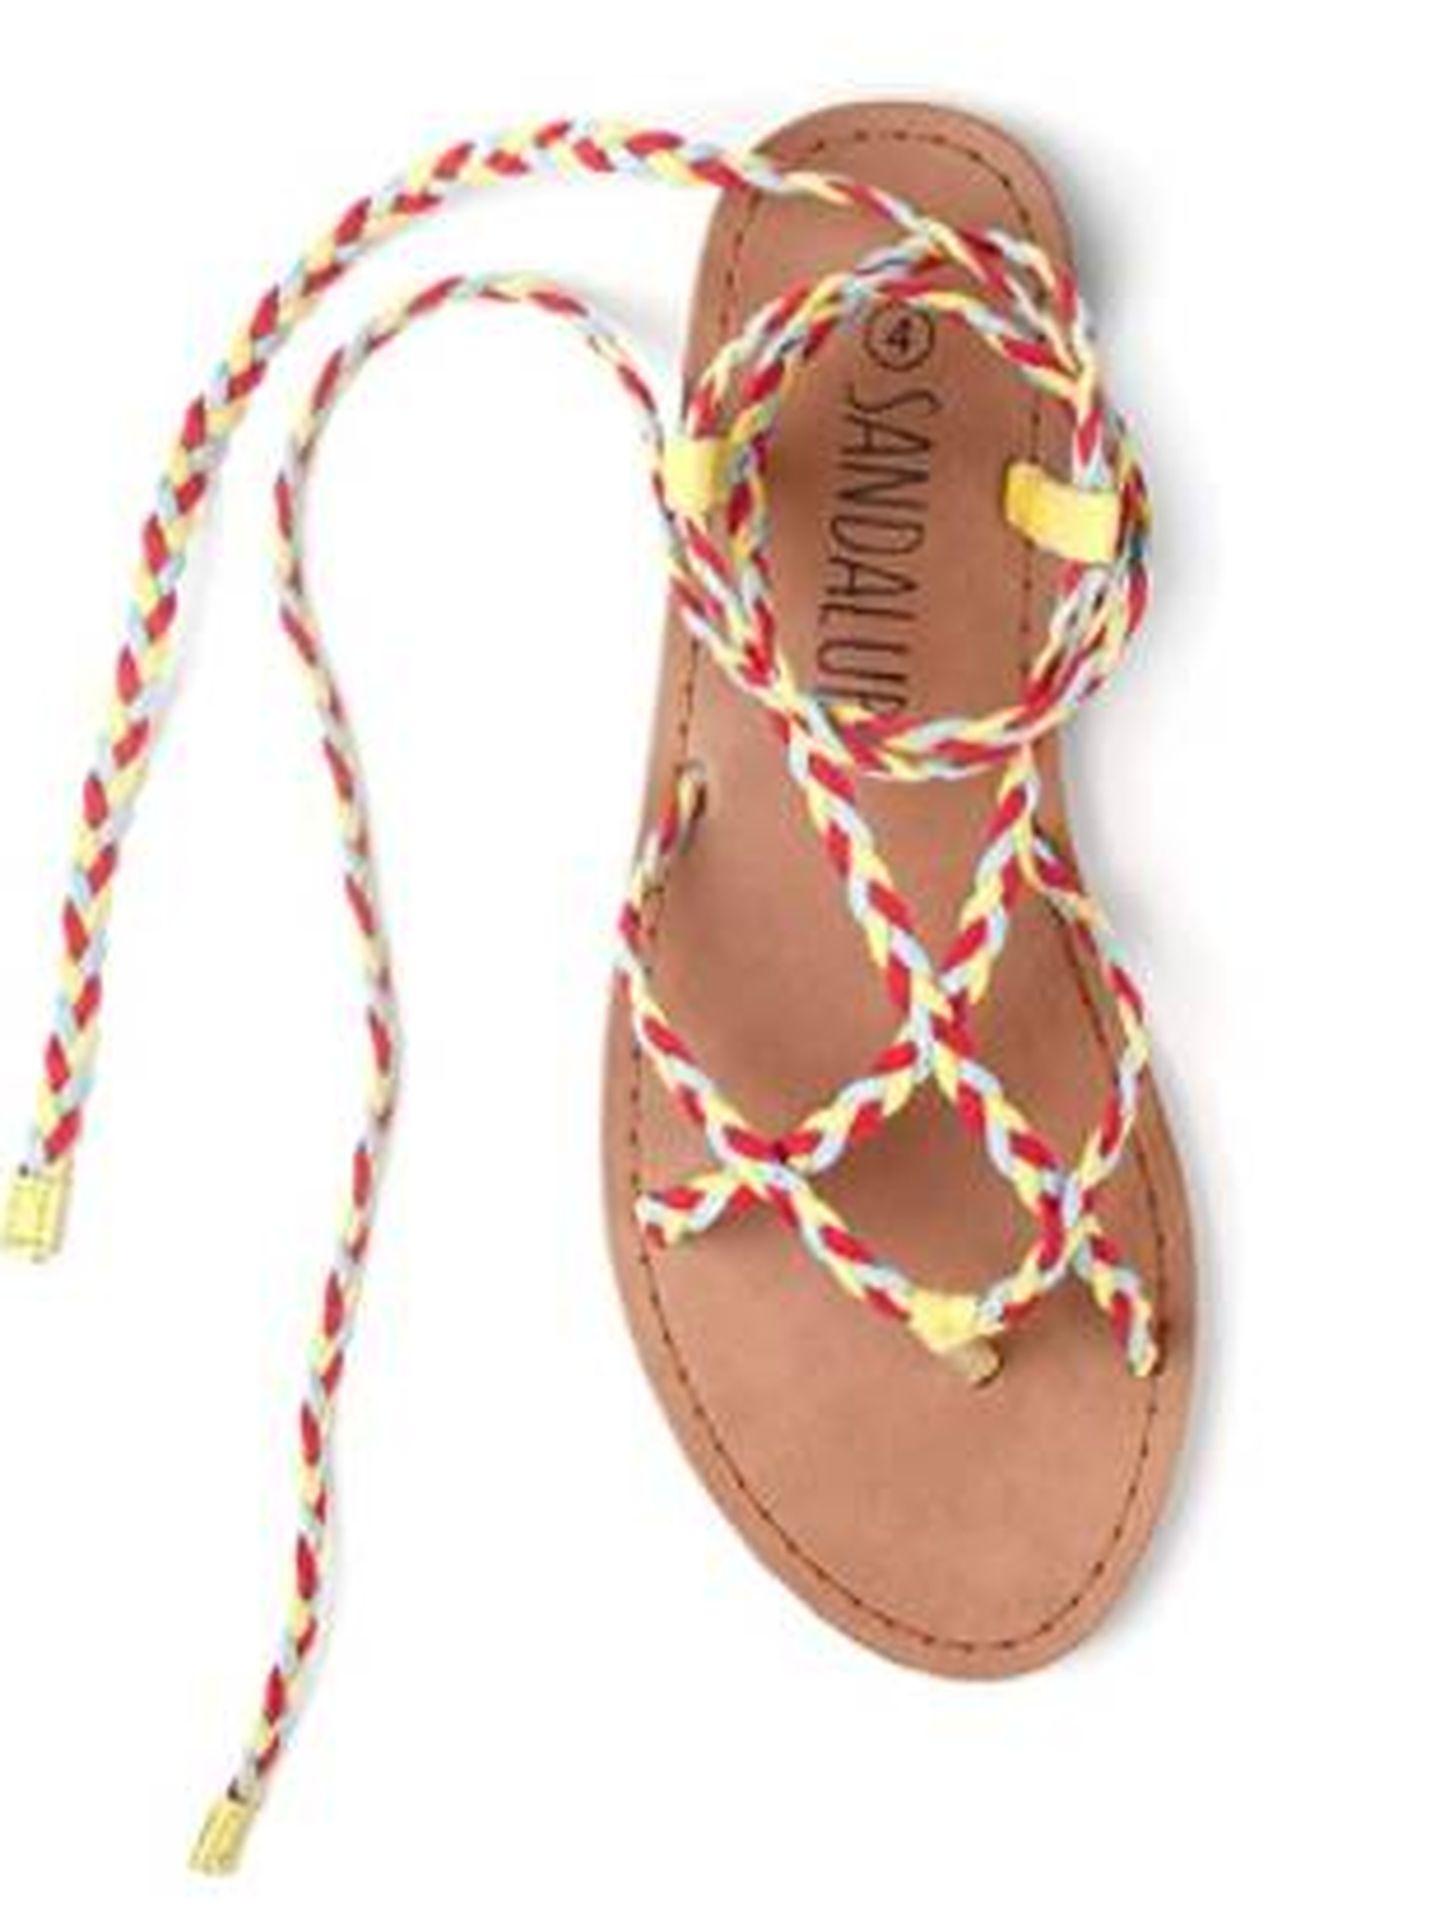 Las sandalias de Sandalup para Amazon. (Cortesía)